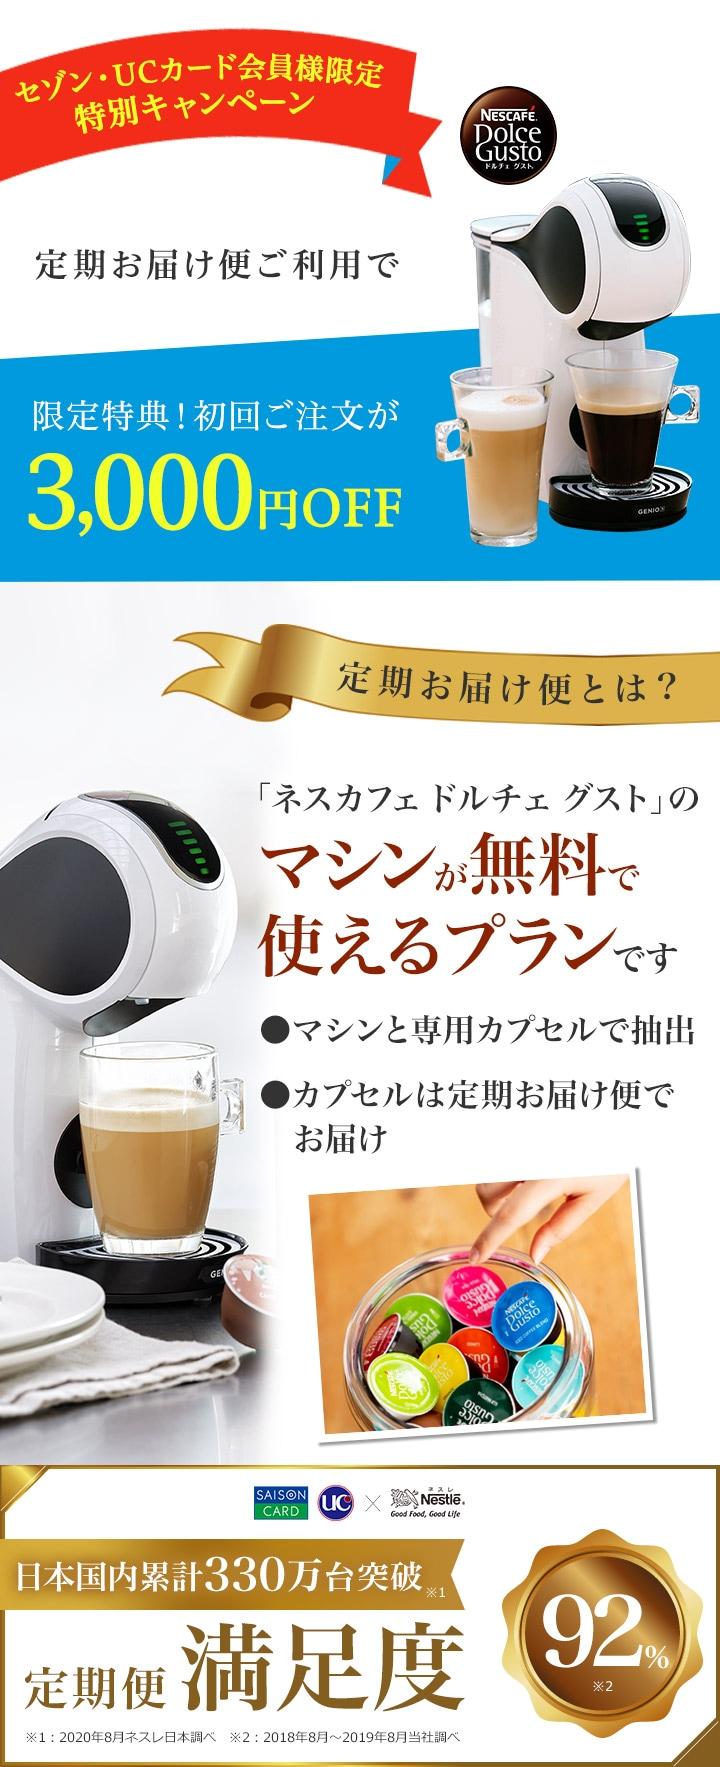 Oisix × Nestle キャンペーン